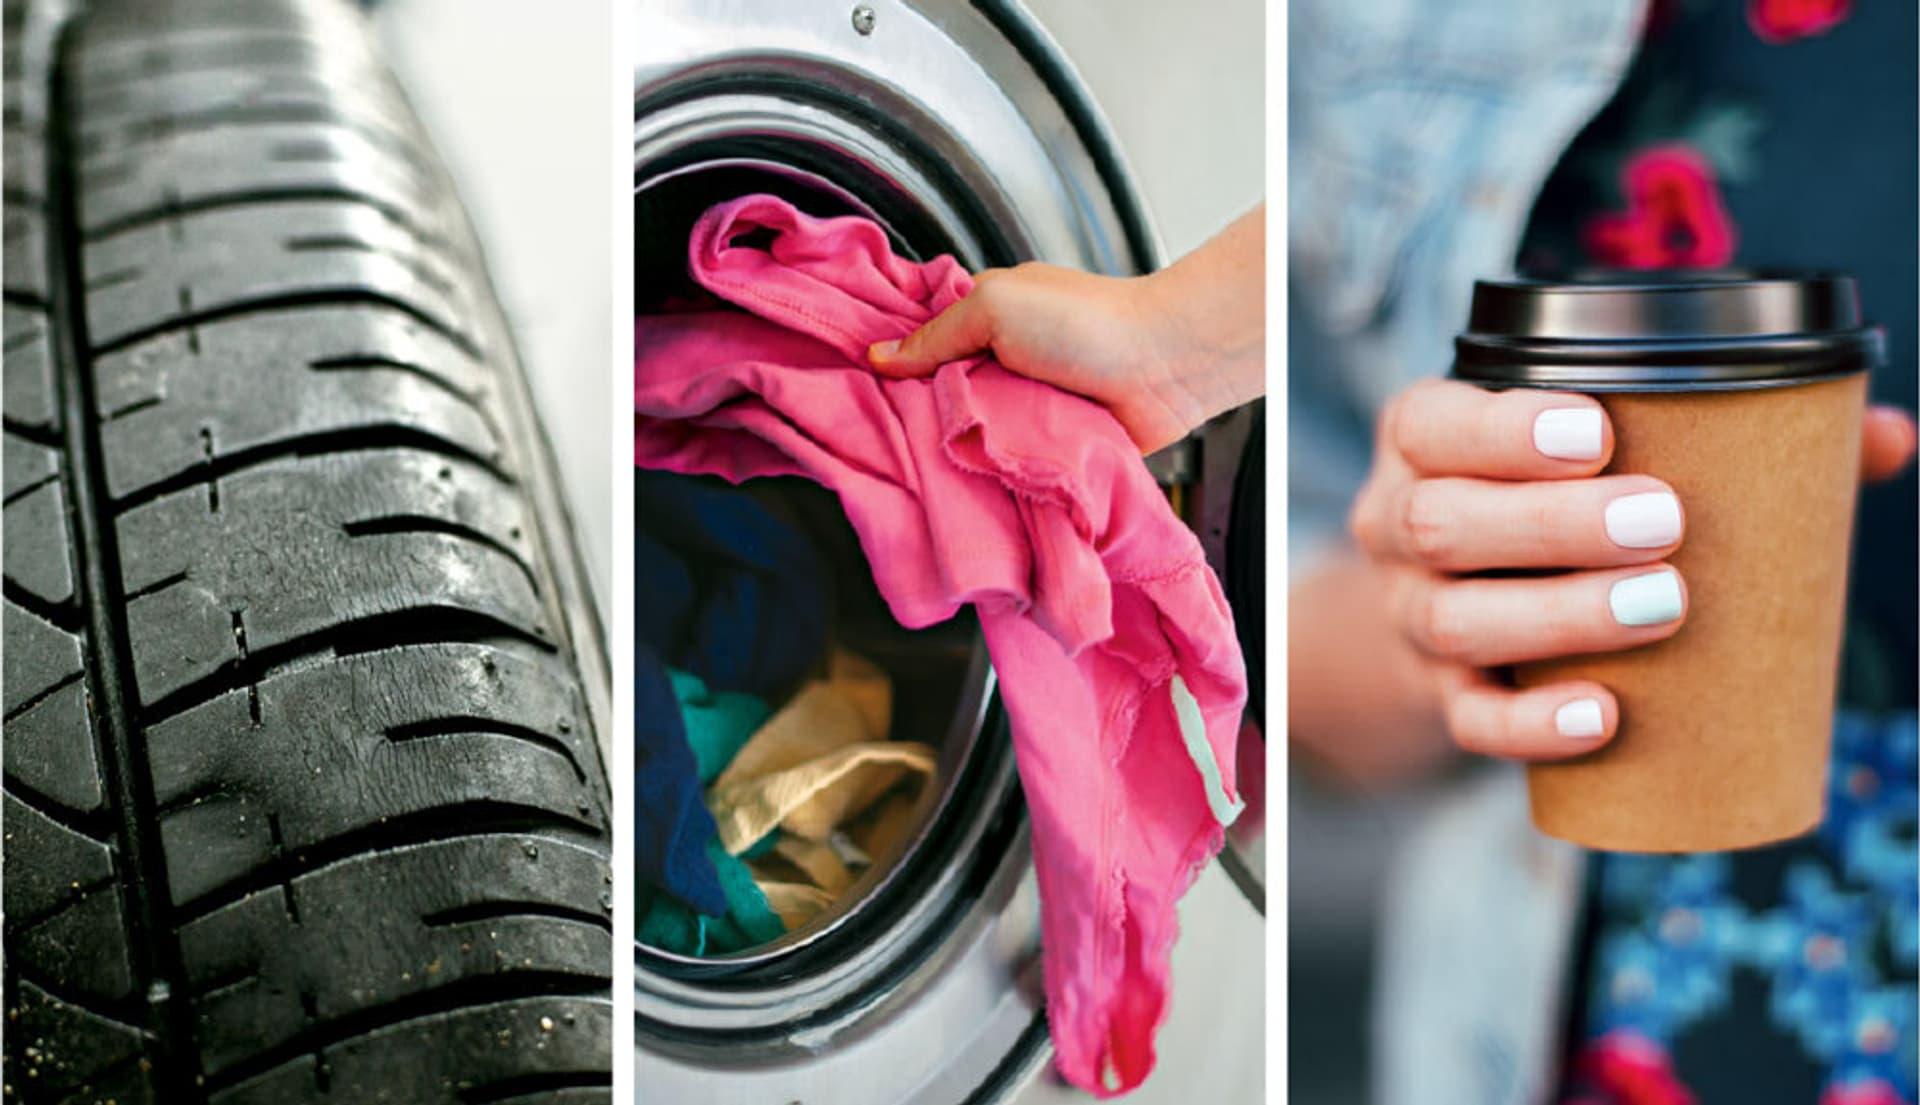 Mikroplastik entsteht durch Reifenabrieb, beim Waschen von Textilien und durch Erosion von Verpackungen.